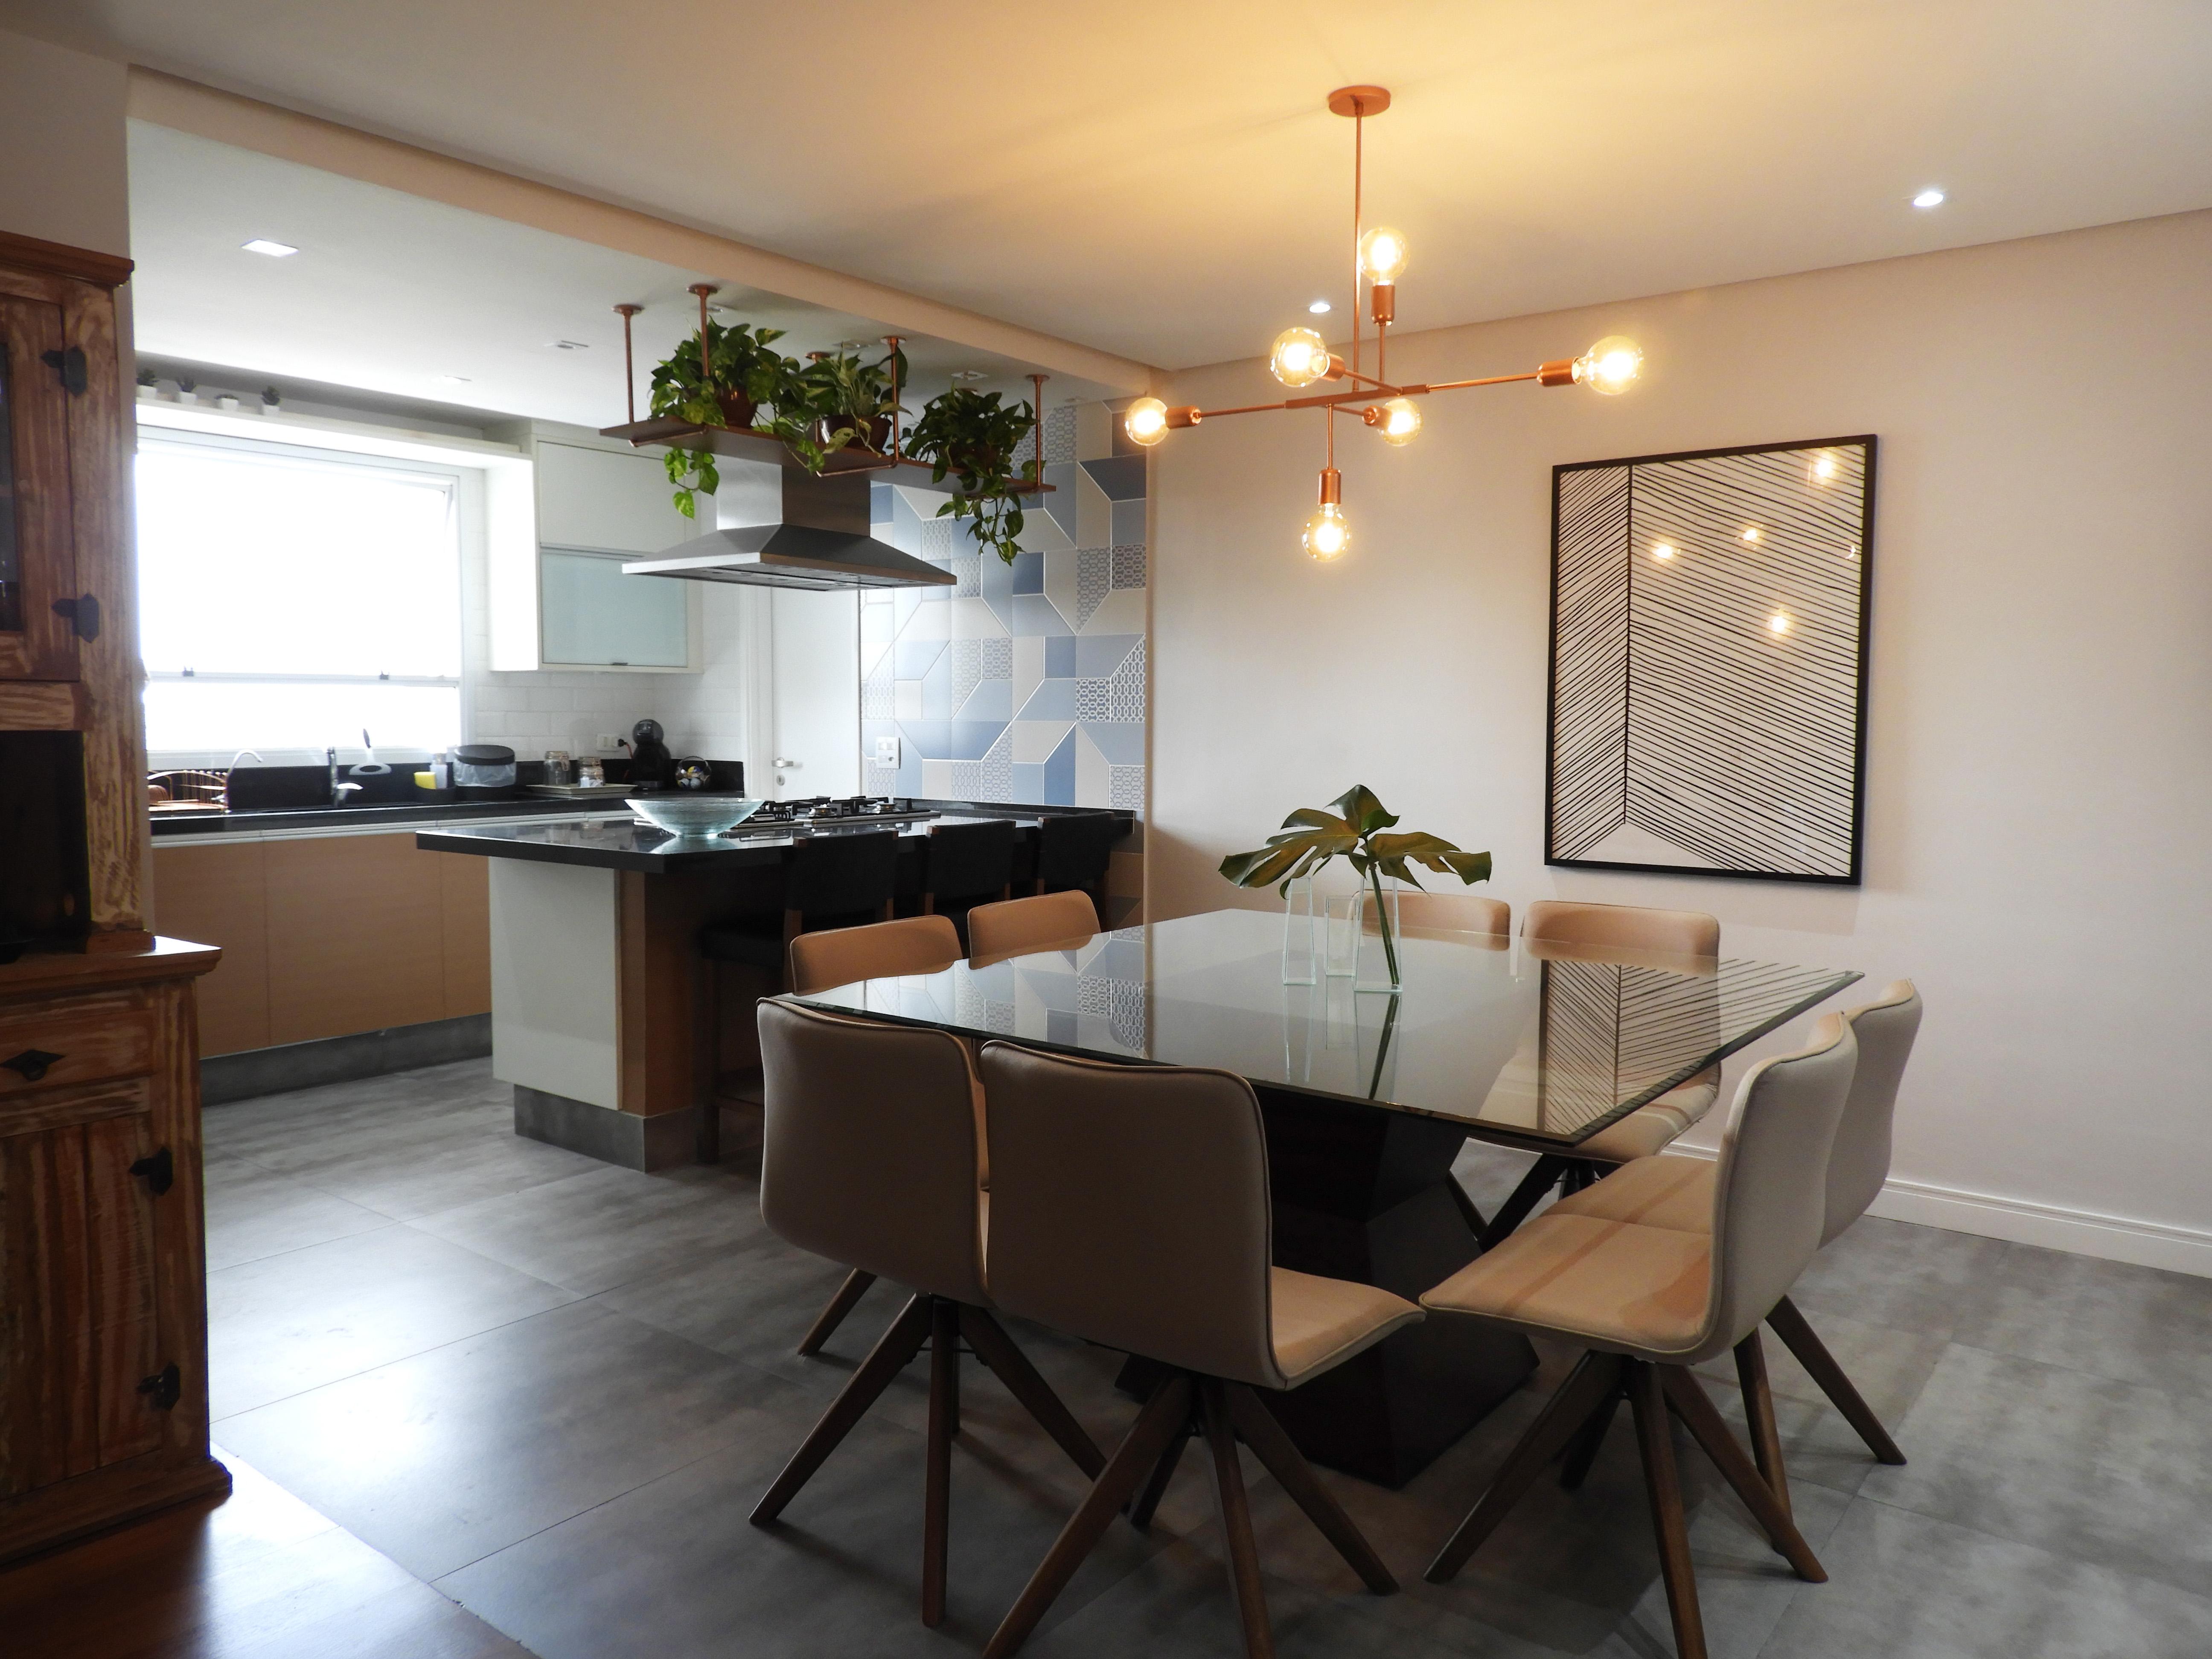 Cozinha. Foto: Atelier LAB